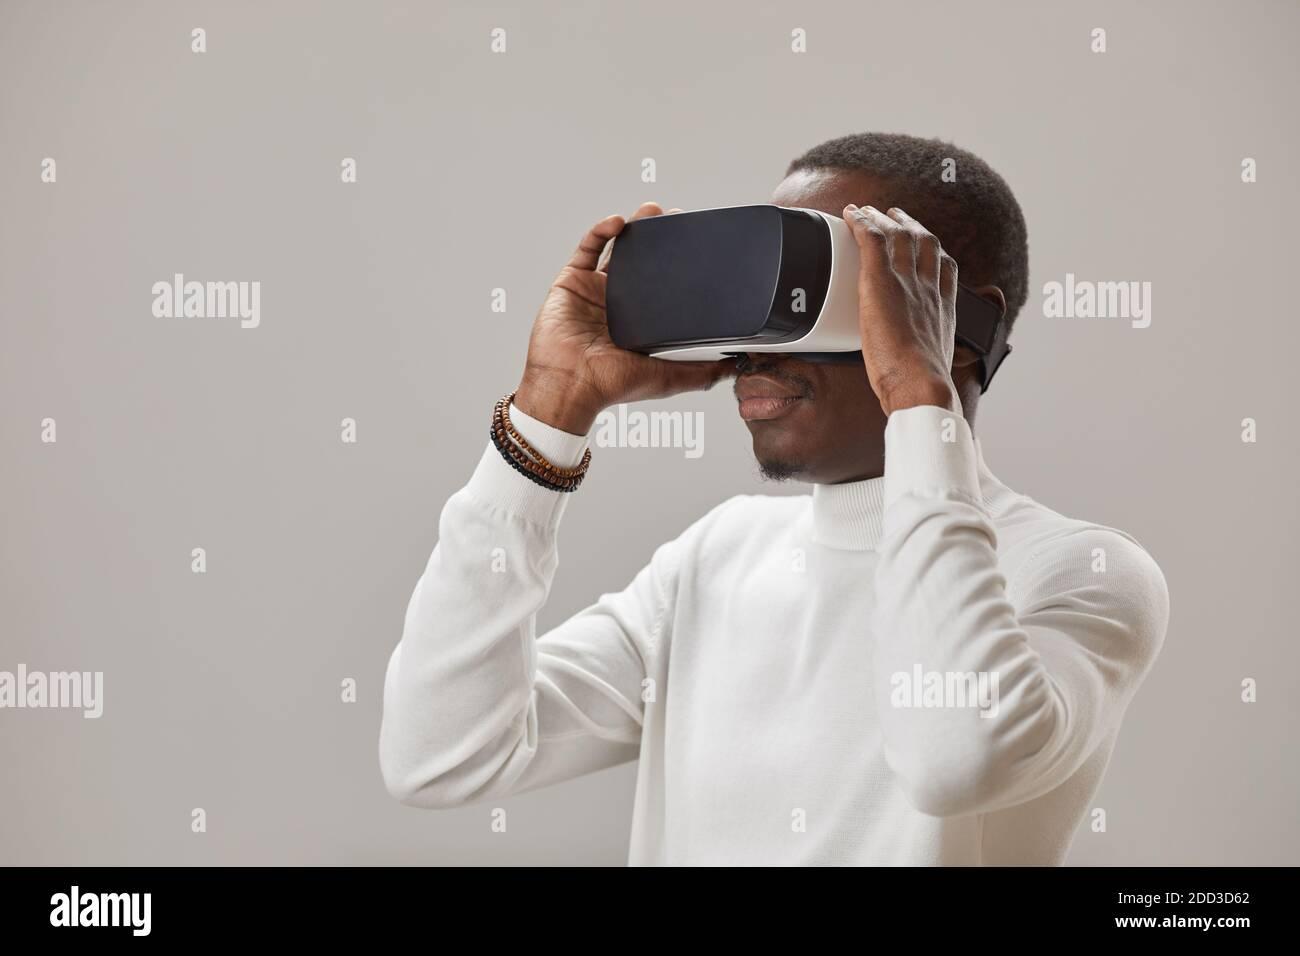 Un jeune homme africain en lunettes virtuelles jouant dans la réalité virtuelle jeu sur fond gris Banque D'Images